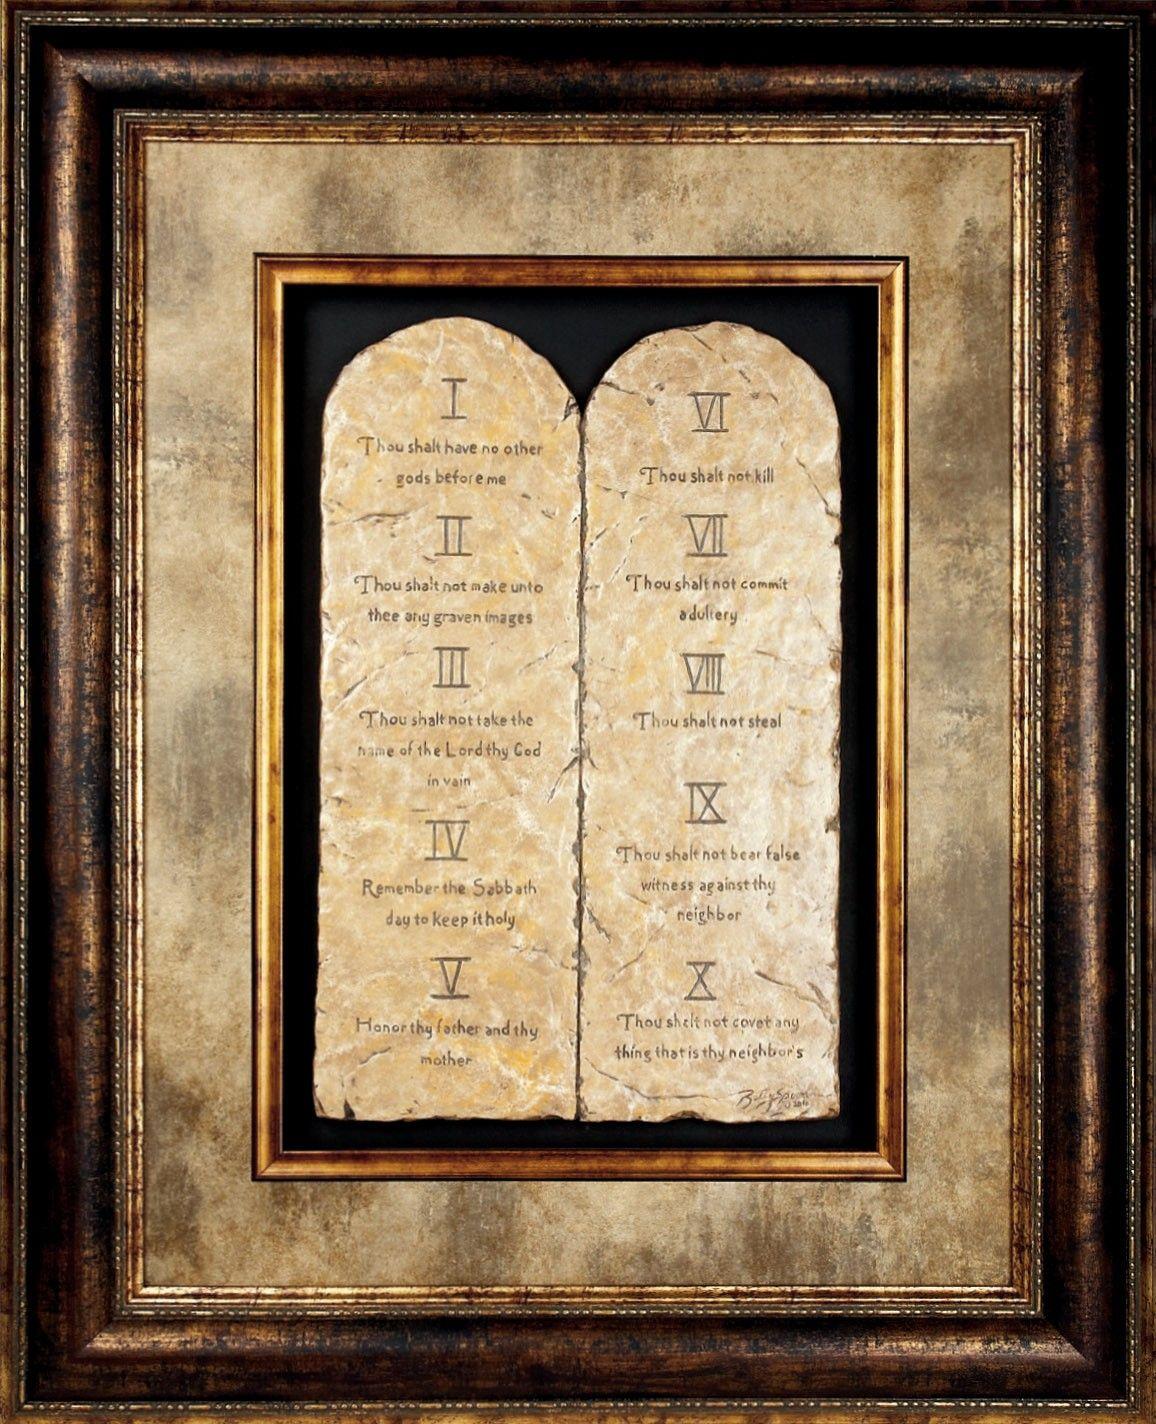 10 Commandments Framed Art Framed Art Familychristian Com Framed Art 10 Commandments Frame